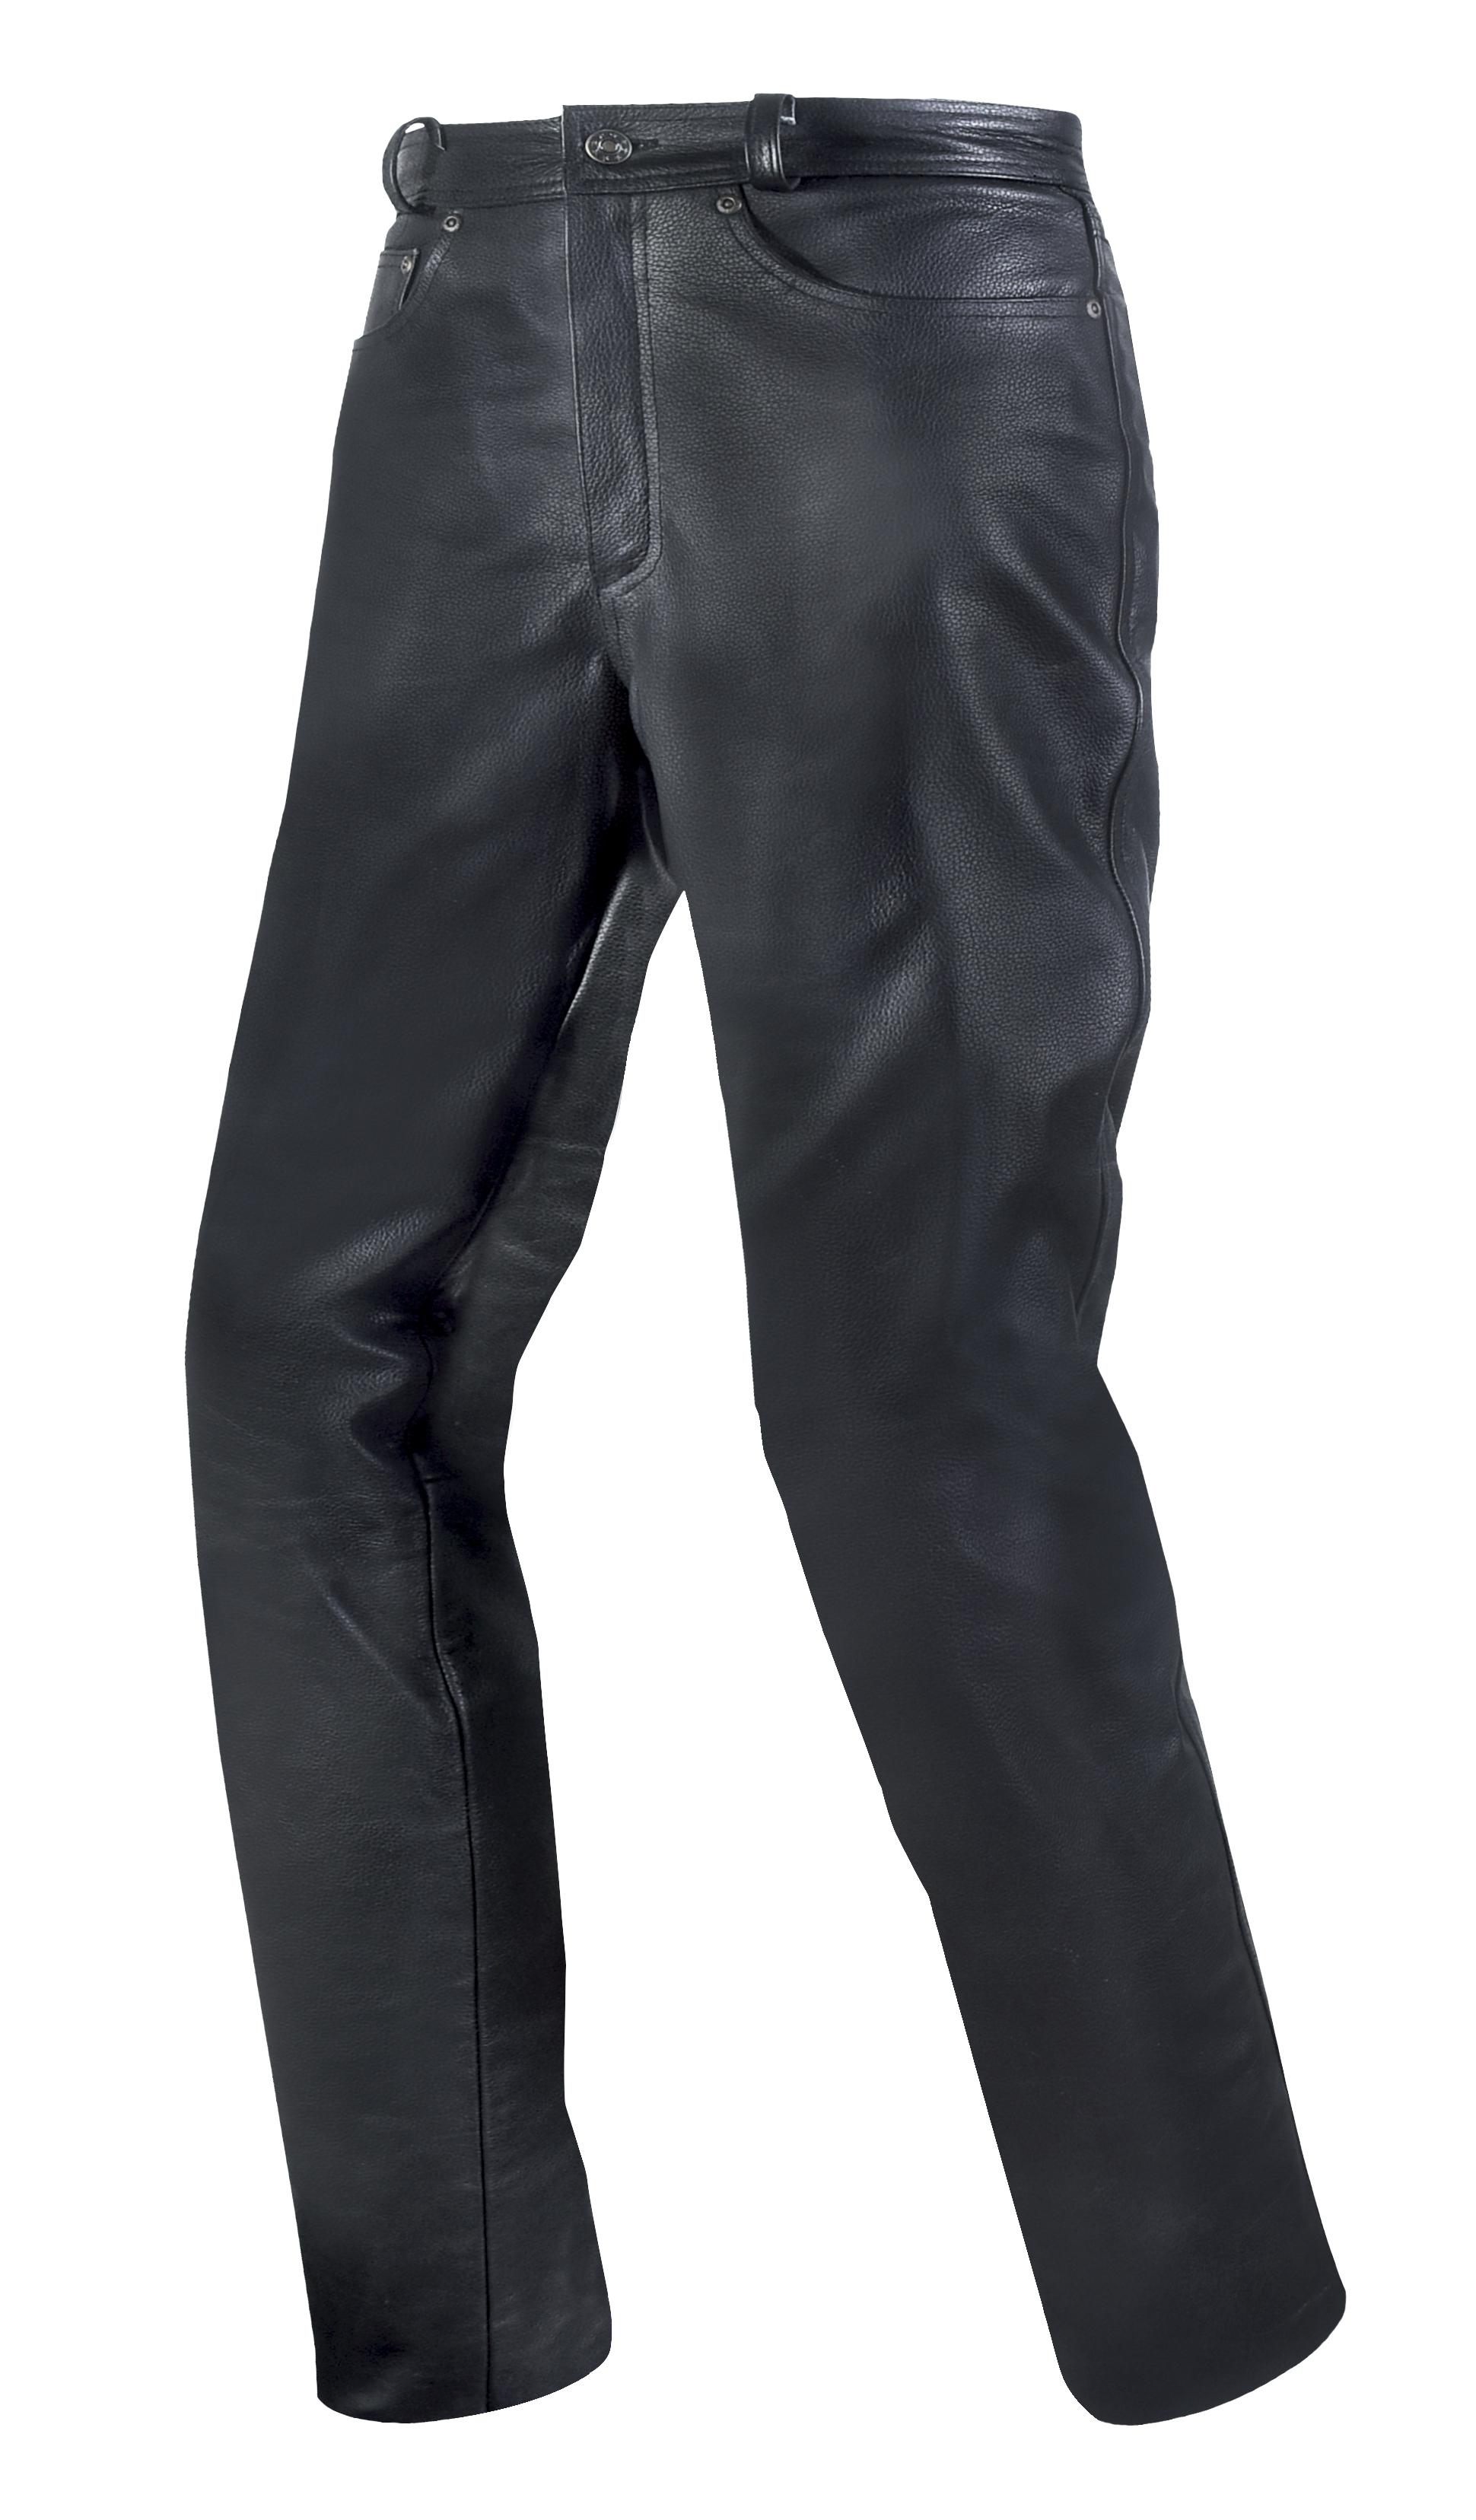 Pánské kožené moto kalhoty SPARK LEATHER JEANS, černé matné